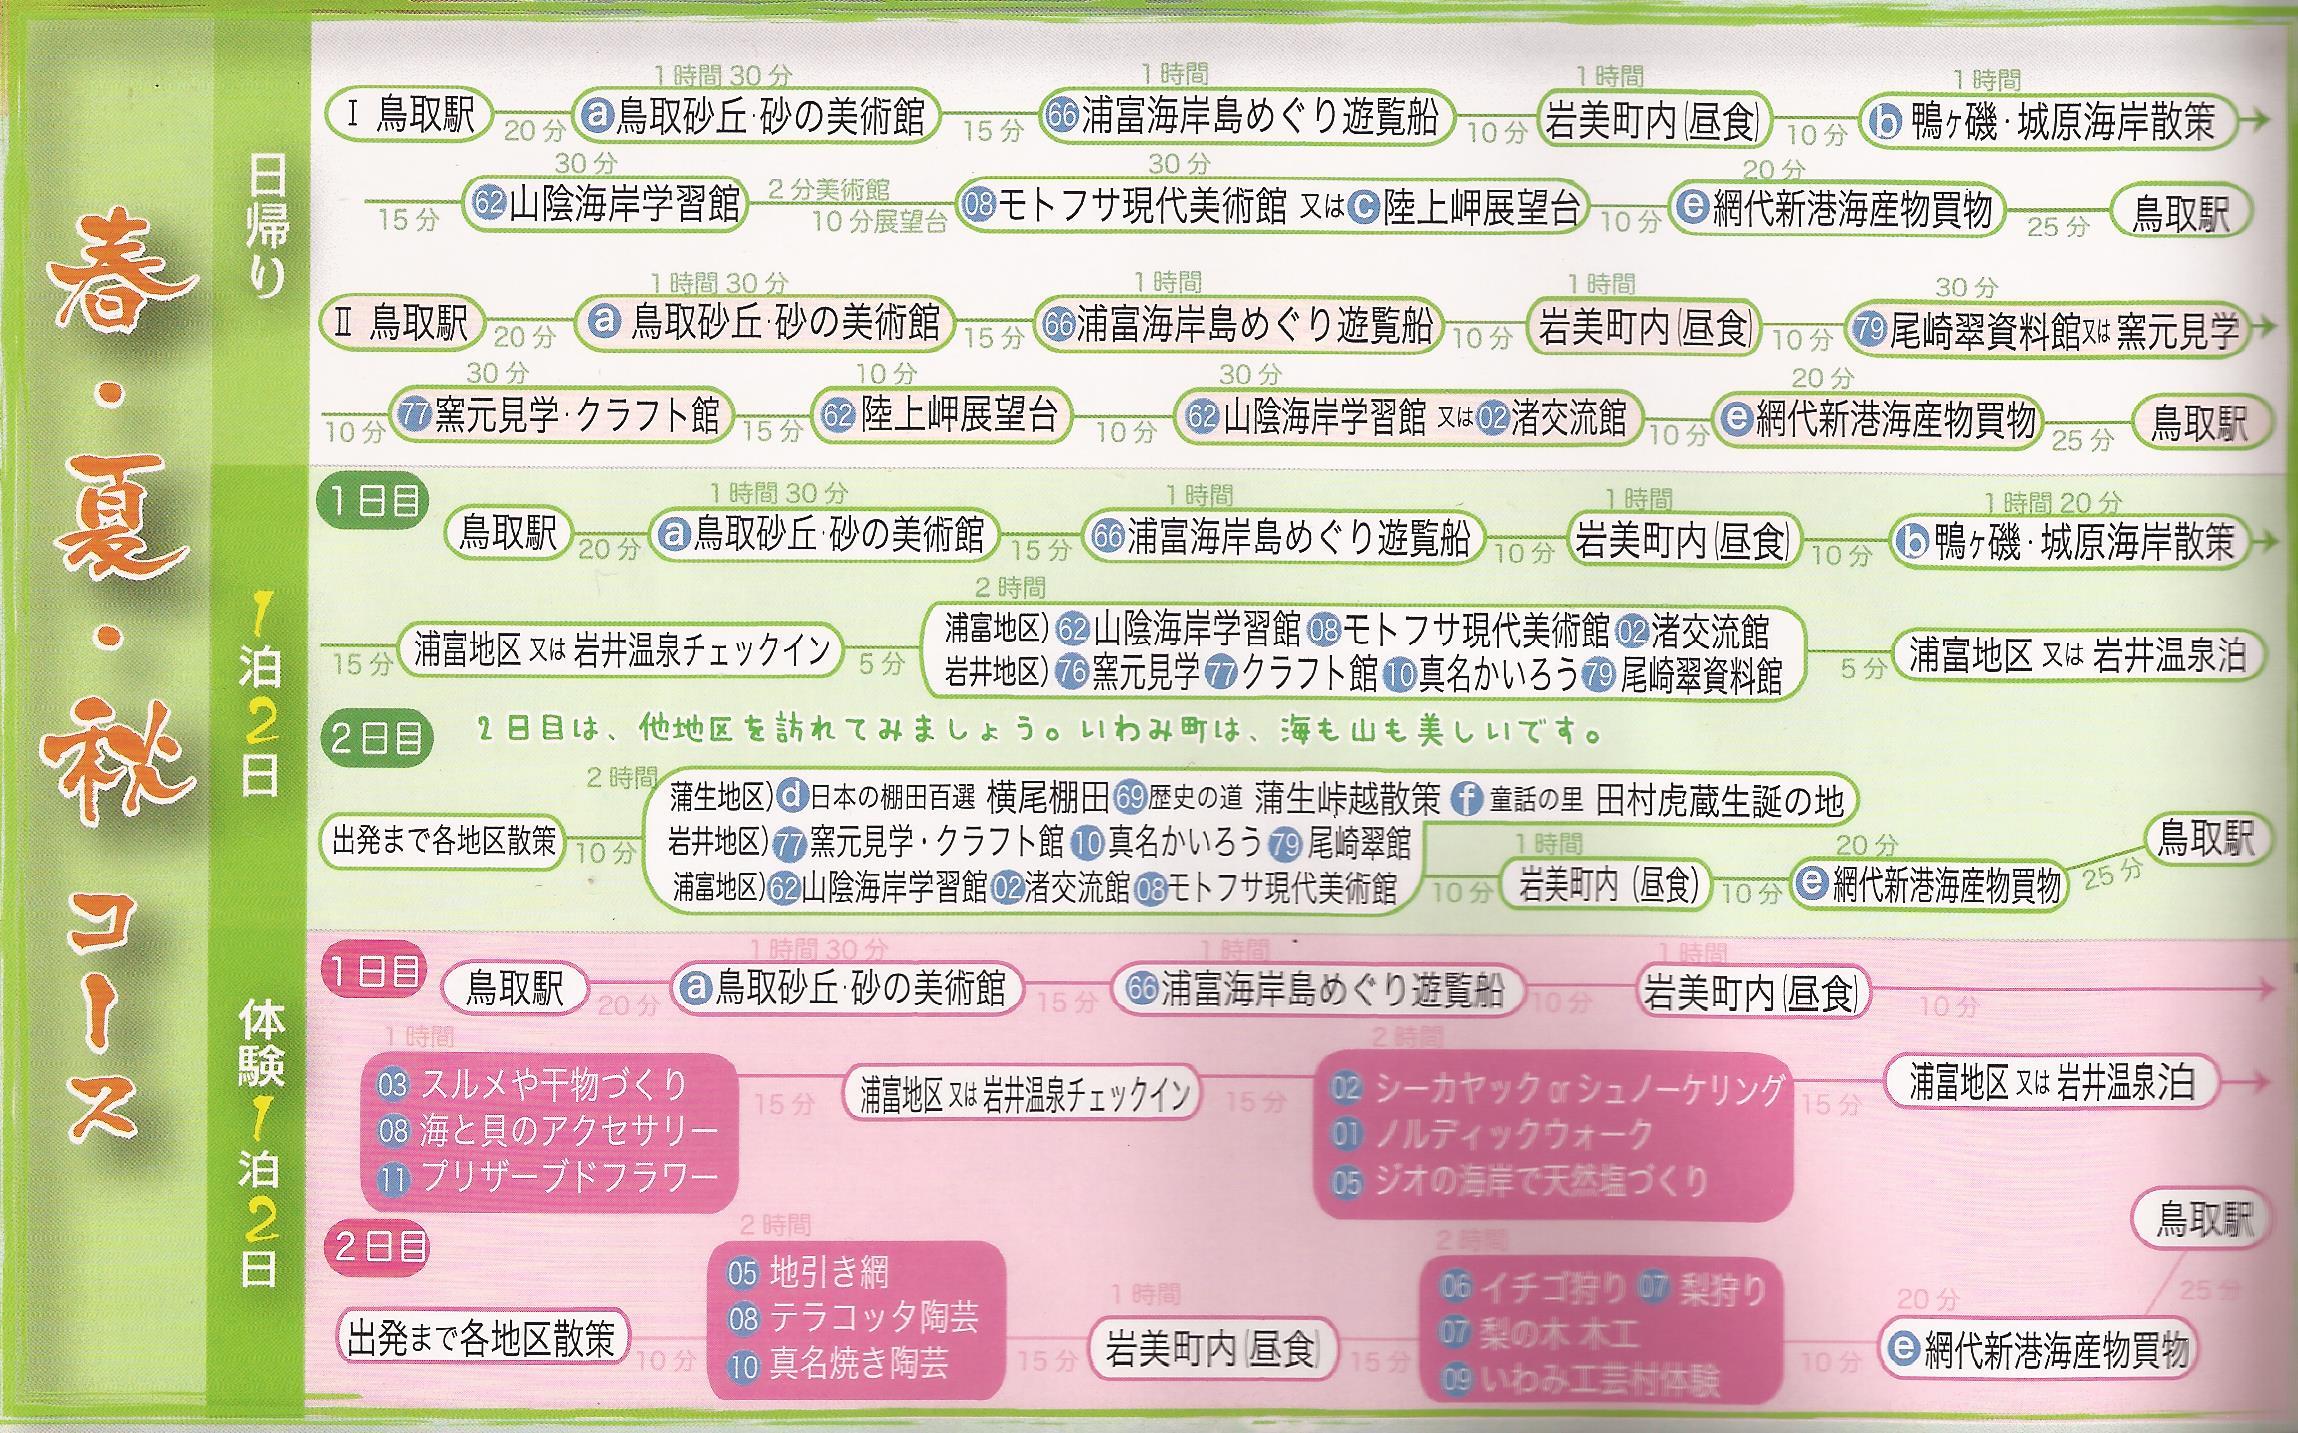 鳥取春夏秋行程.jpg